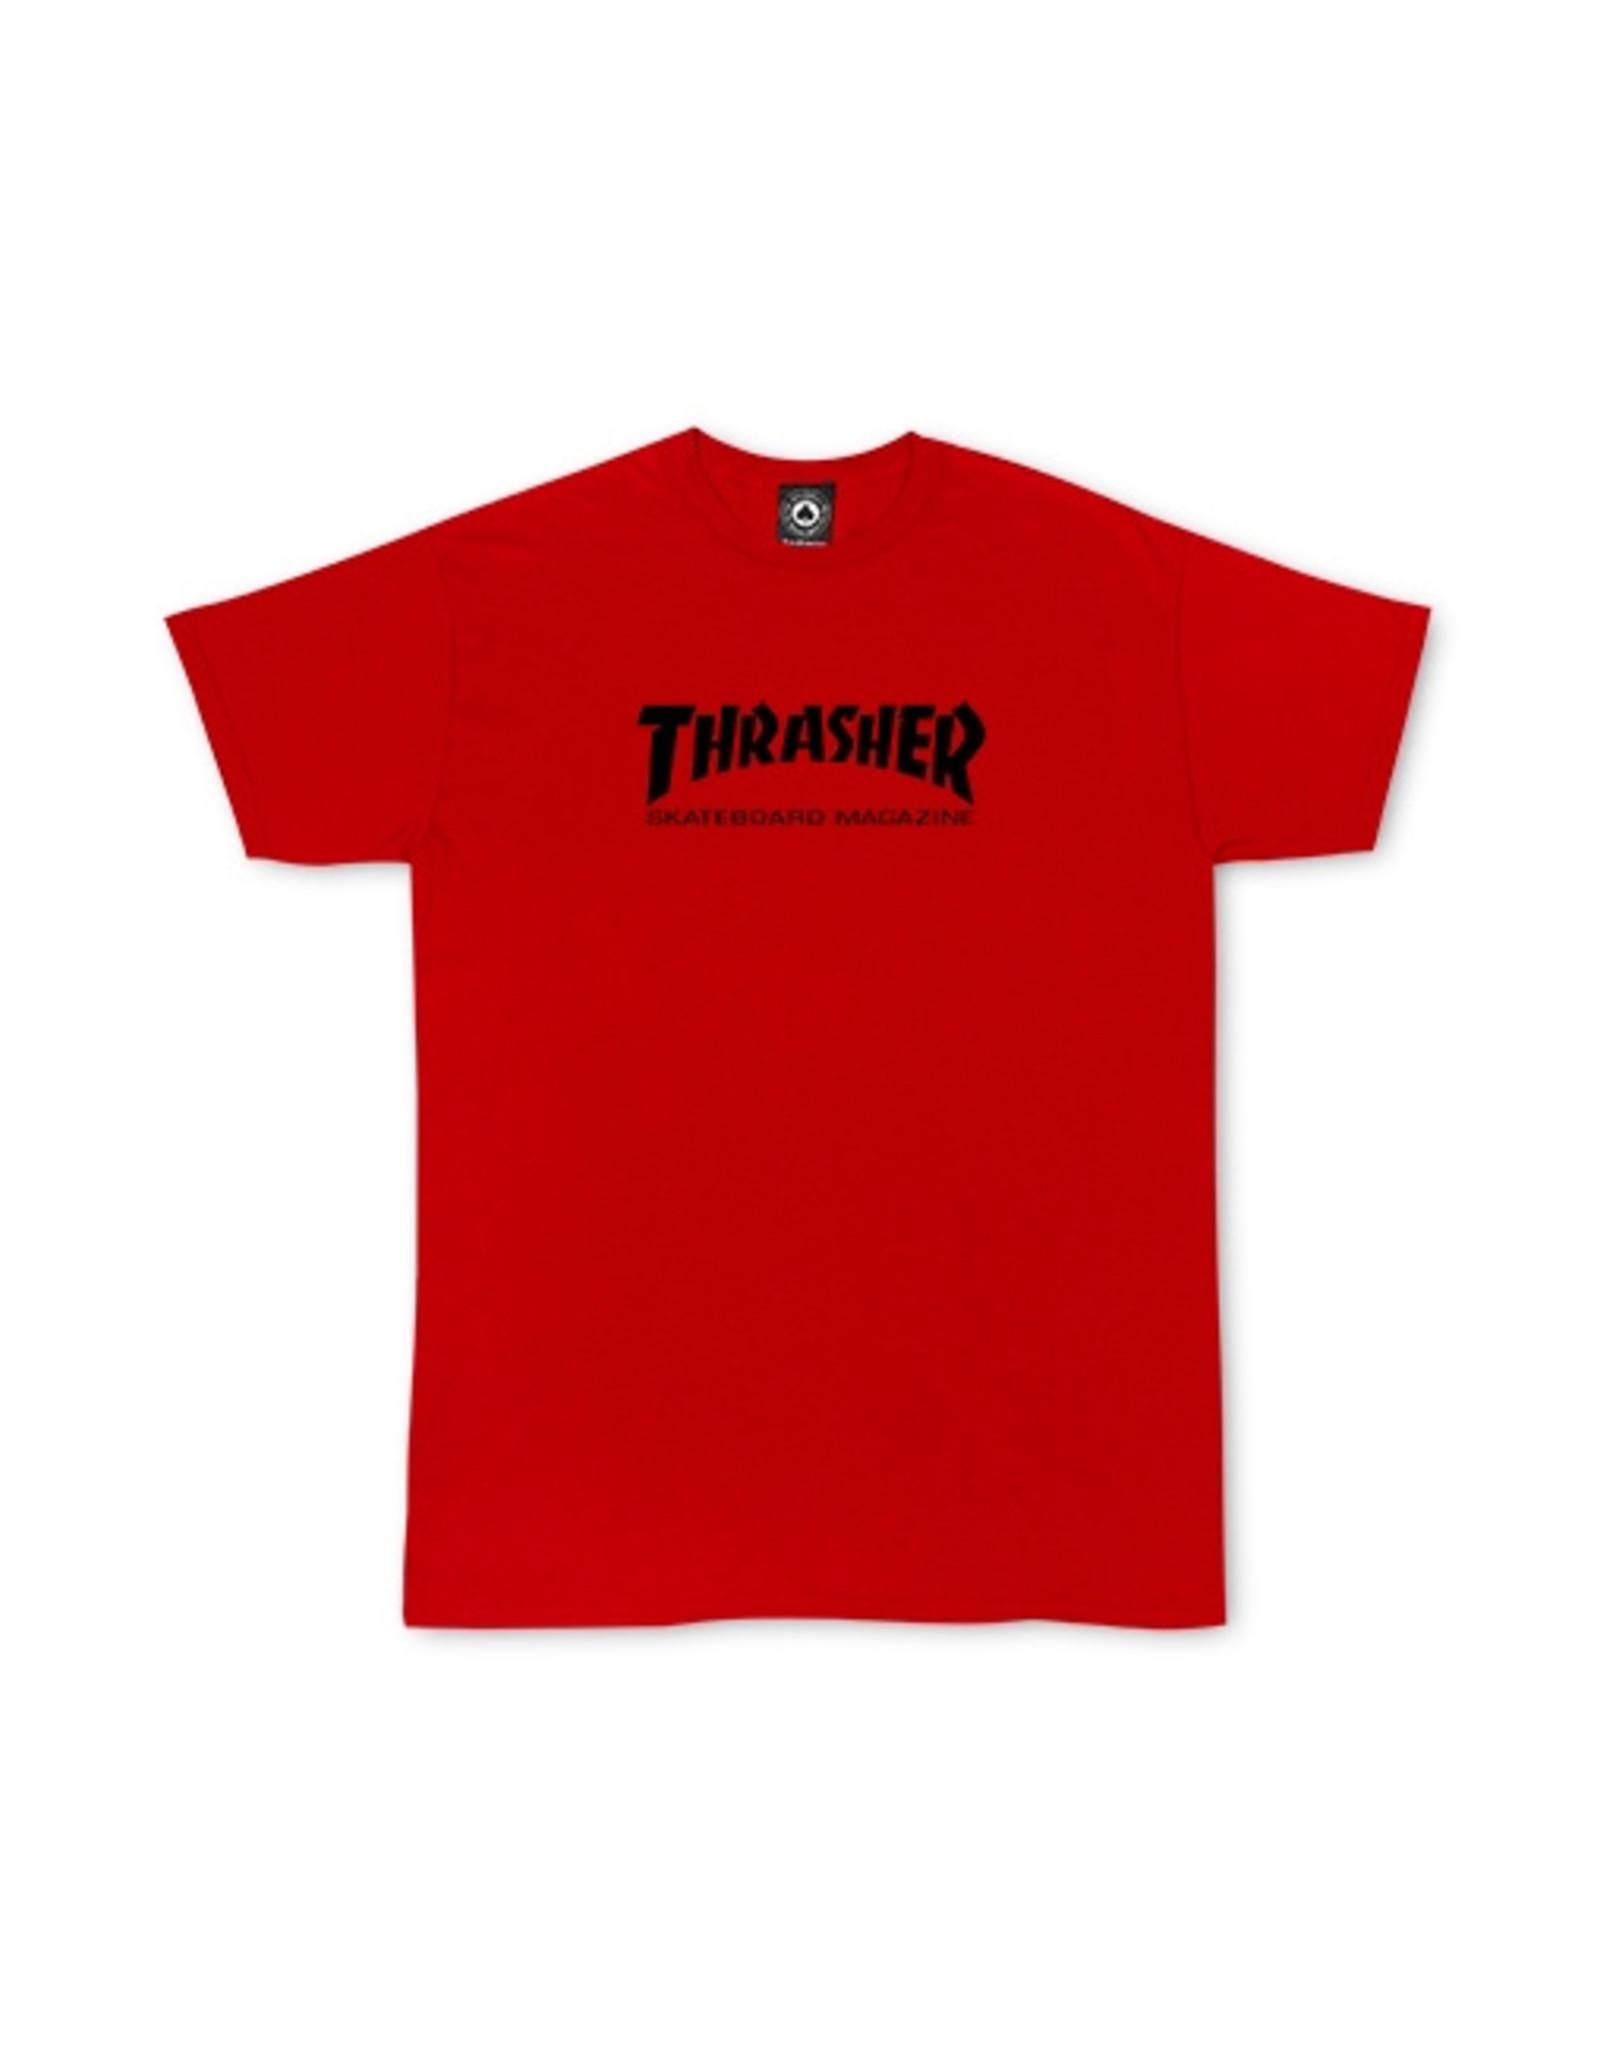 Thrasher THRASHER TODDLER SKATE MAG TEE